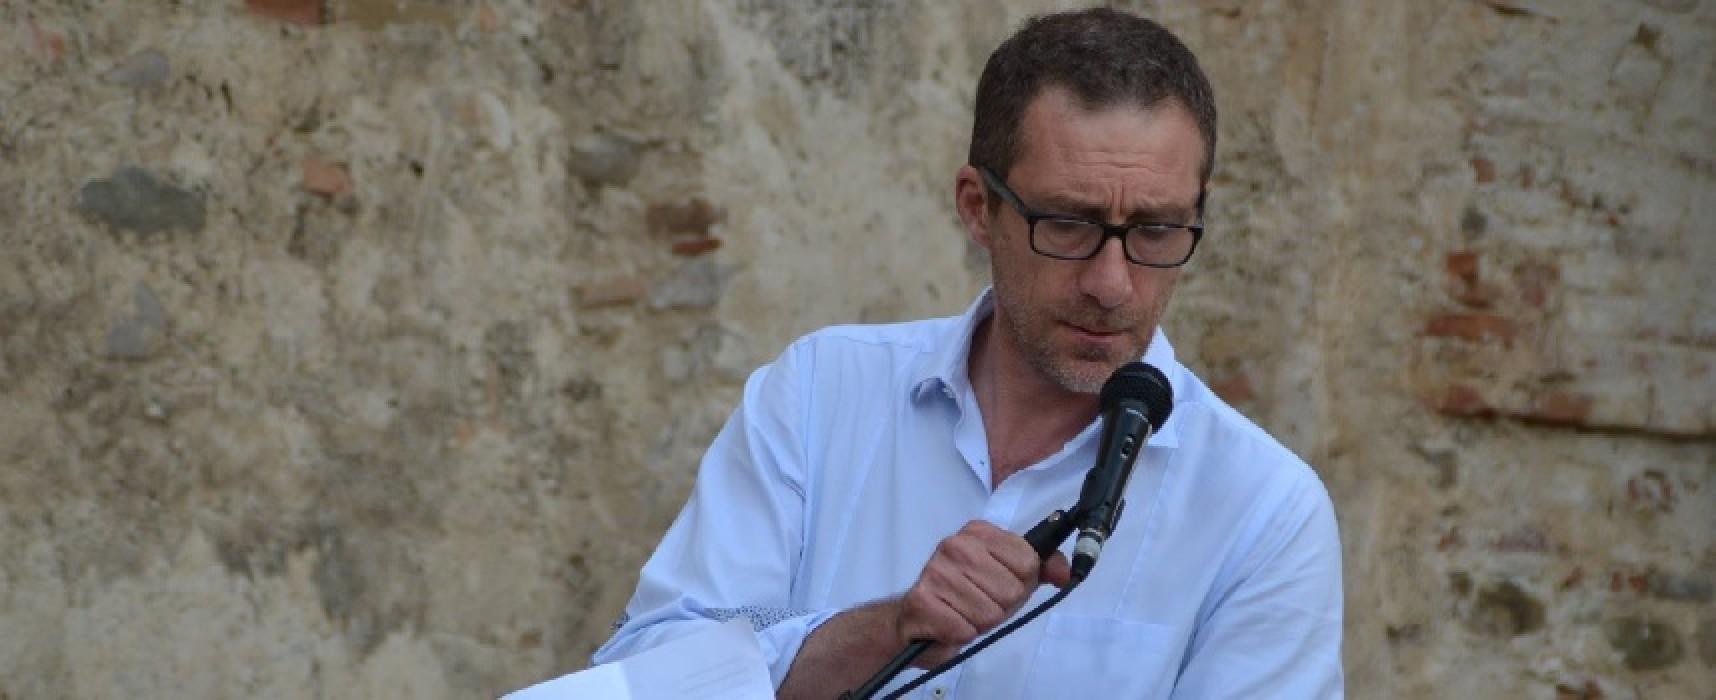 """Pietro Casella querela Spina: """"Mente sapendo di mentire, si implorano solo i santi"""""""